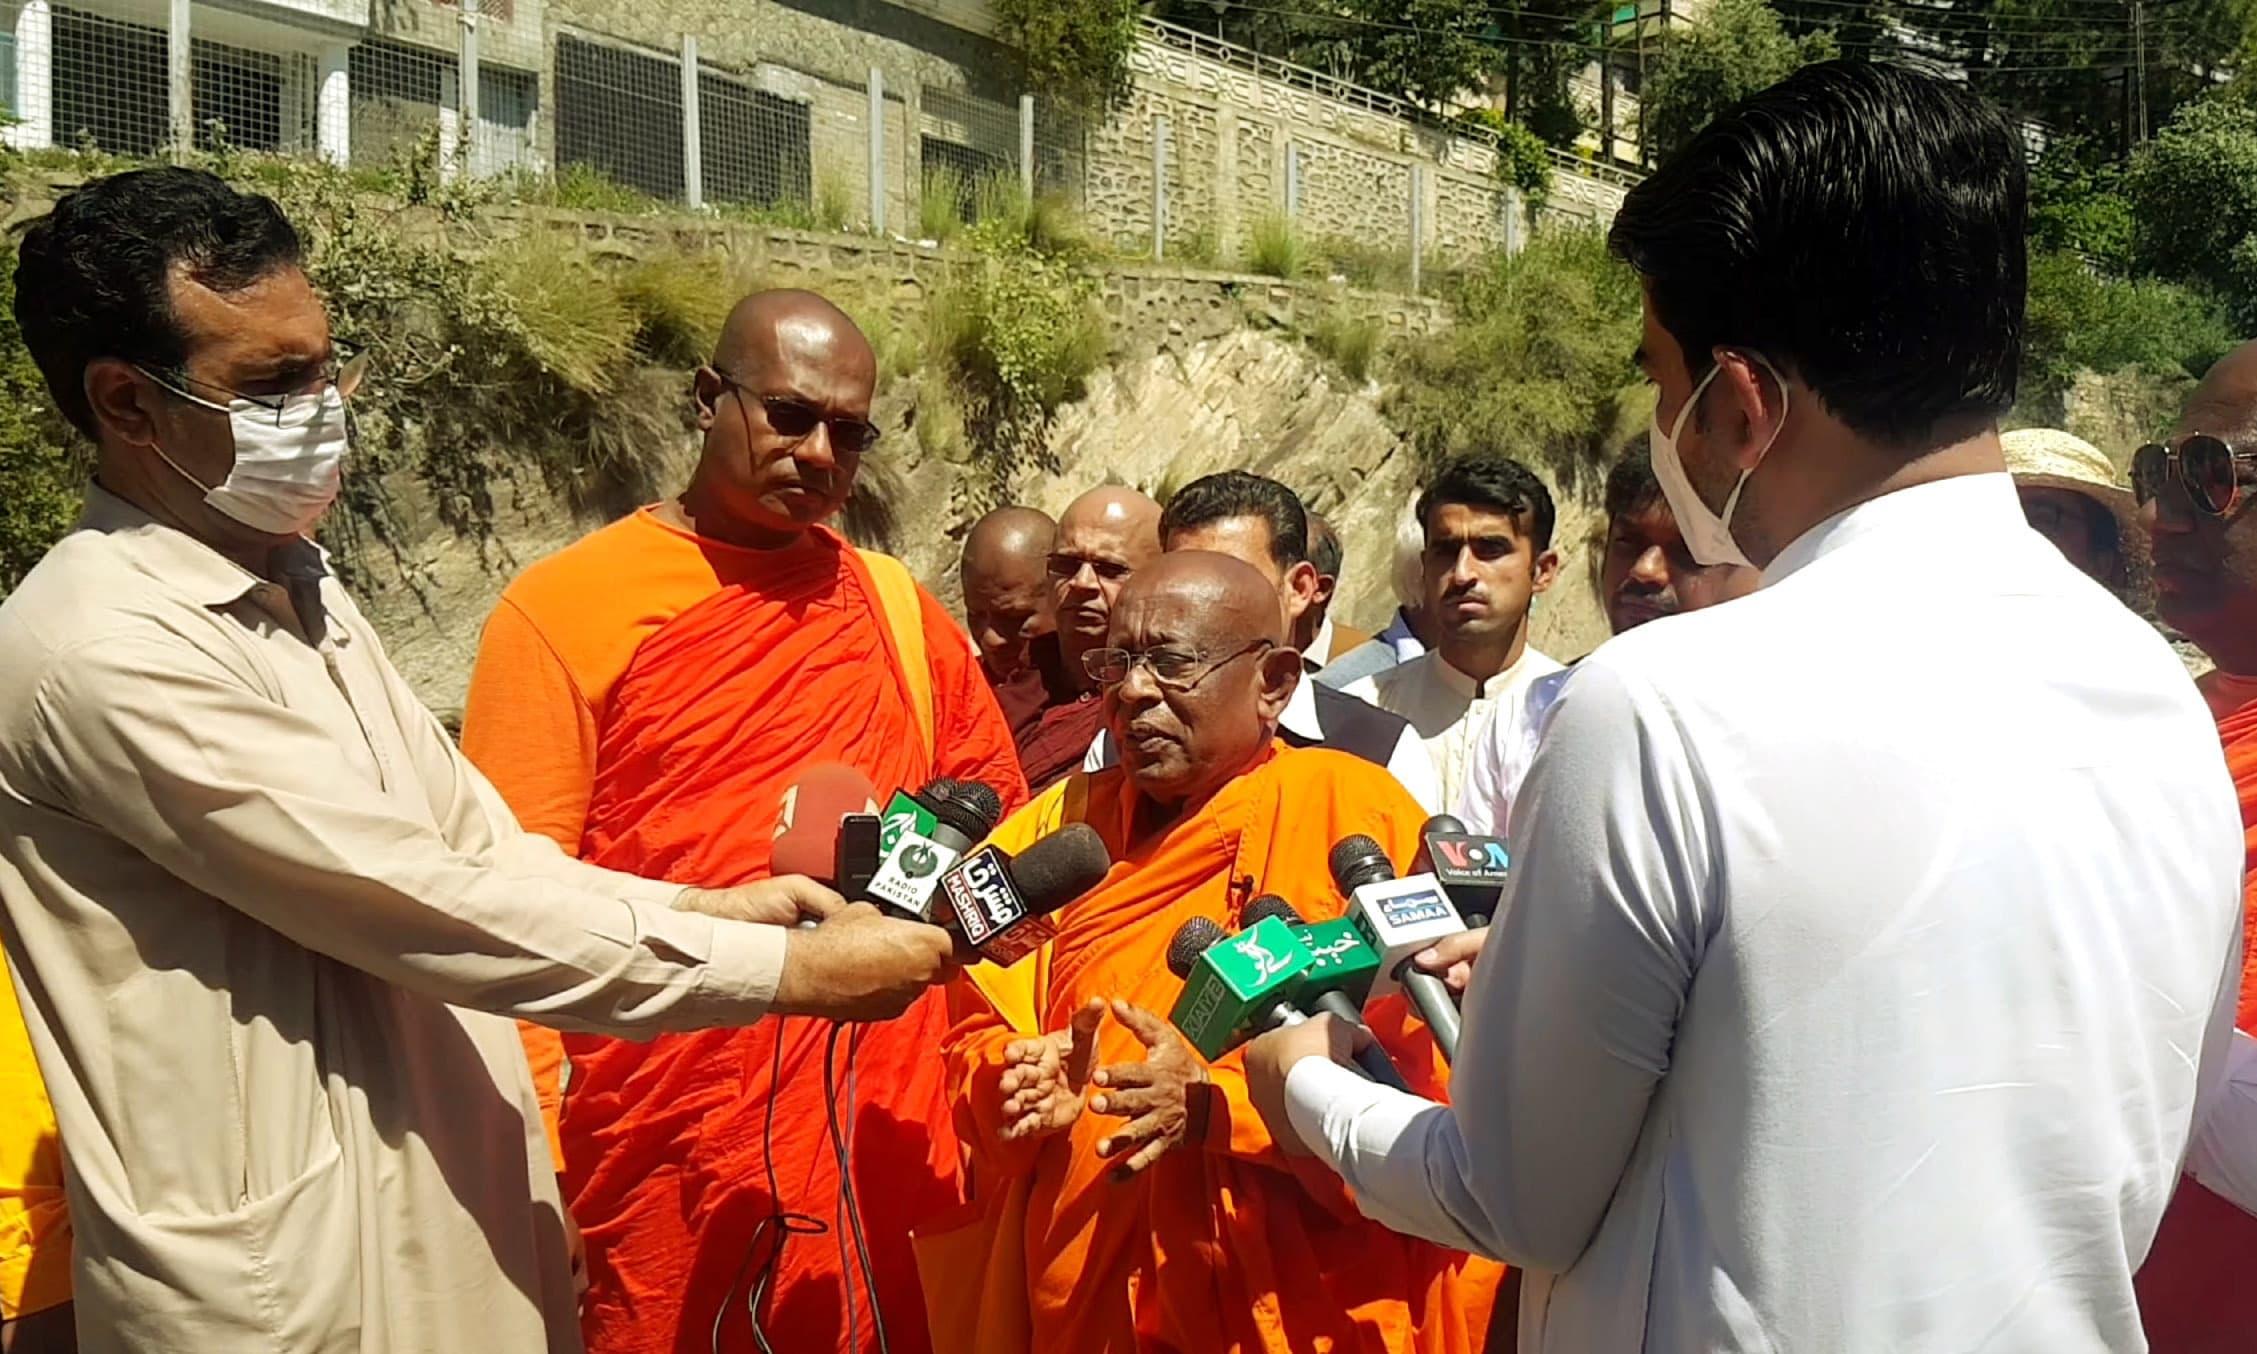 ڈاکٹر ولپولے پائنندانا میڈیا سے بات چیت کررہے ہیں—تصویر امجد علی سحاب